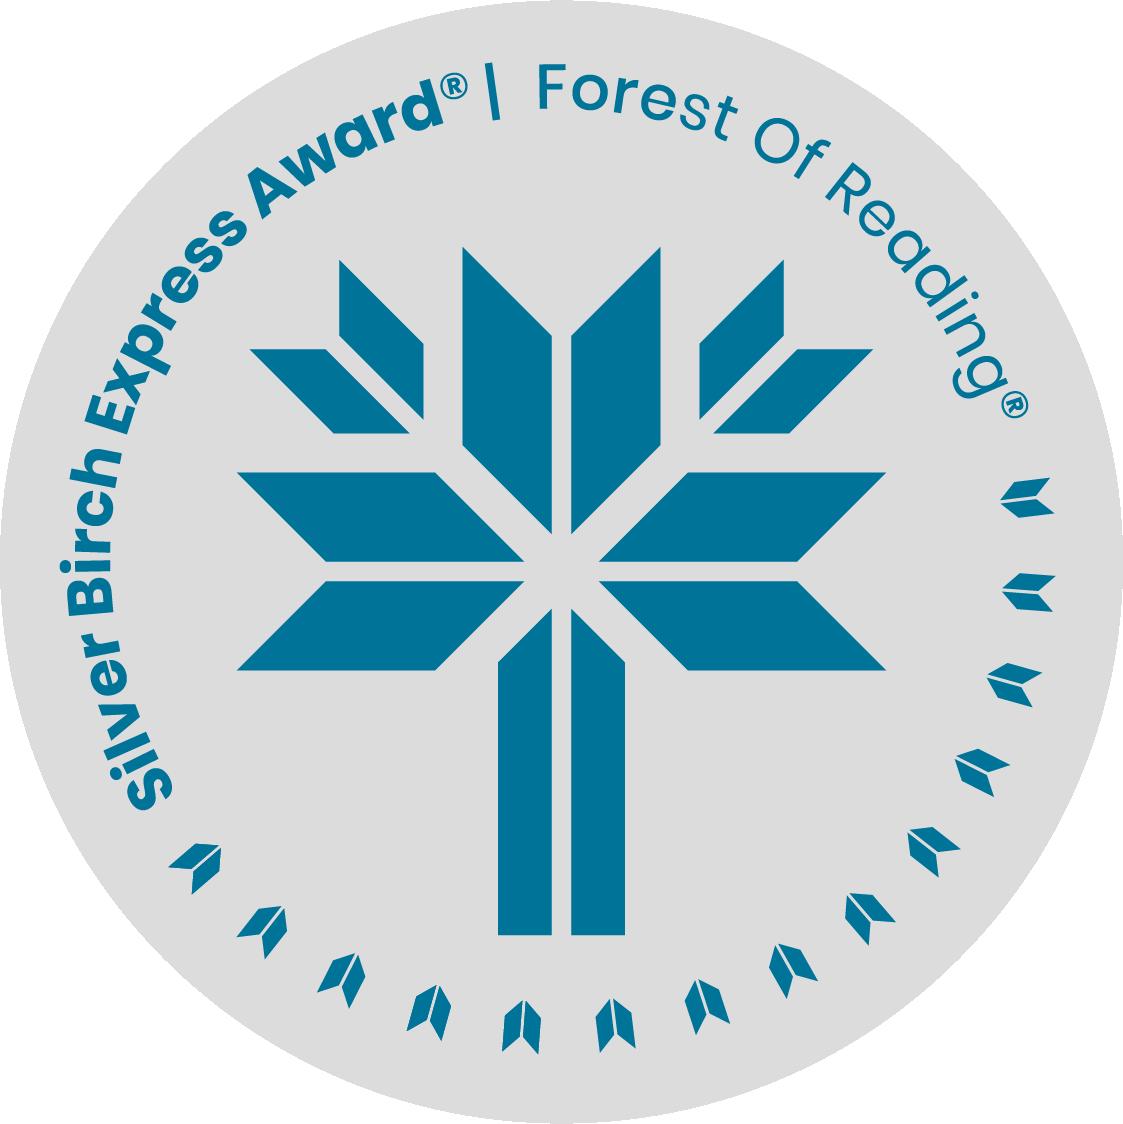 Silver Birch Express Award Logo